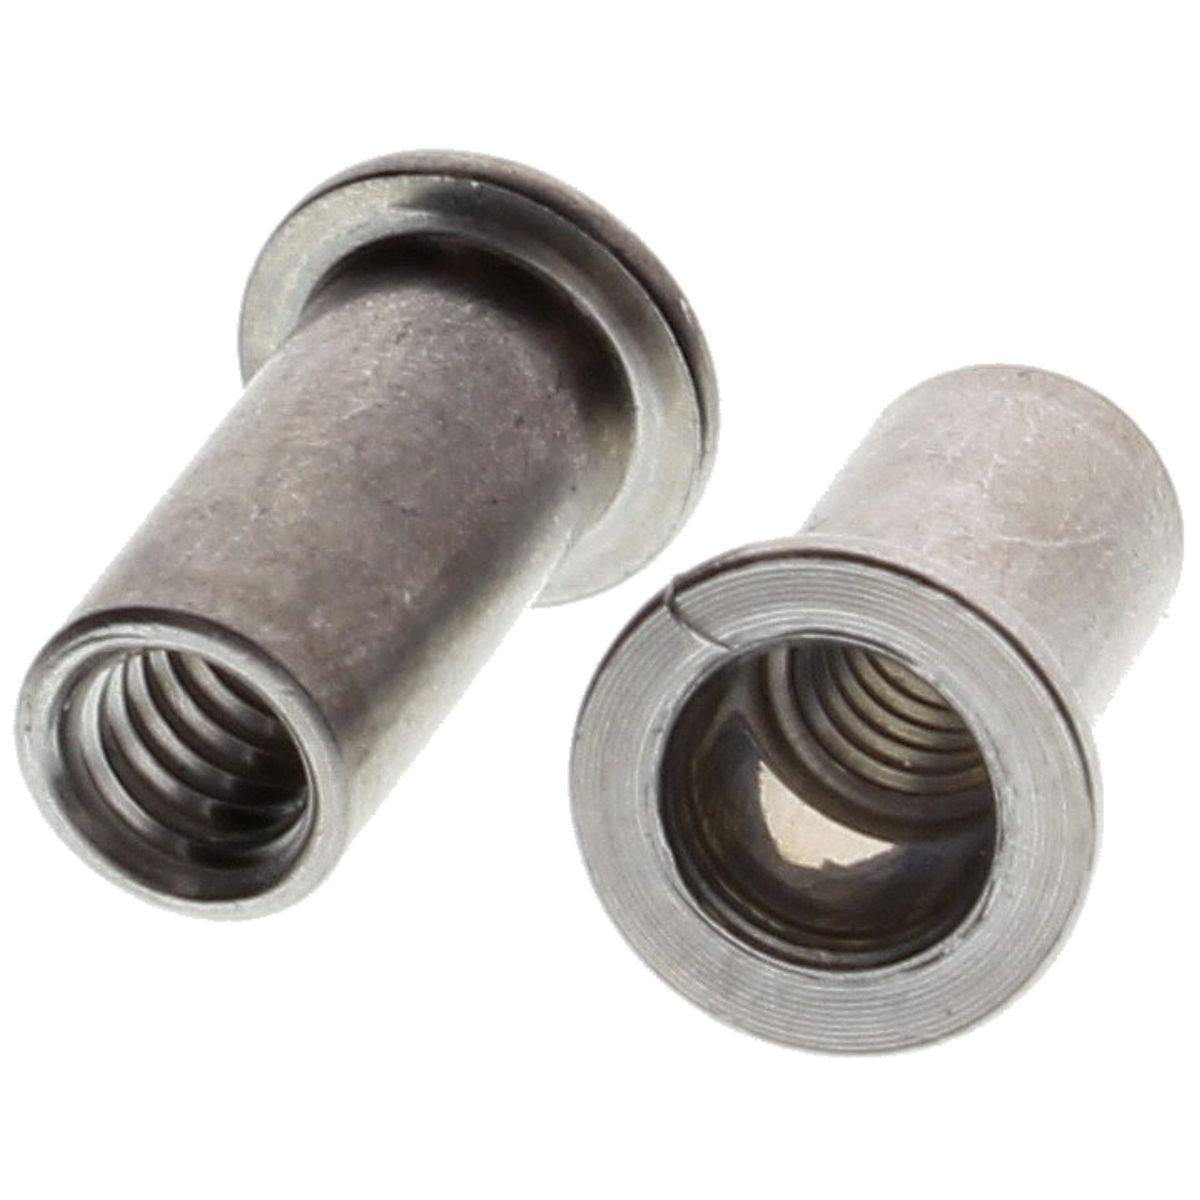 #10-24, .080-.130 Grip Rivet Nuts, Aluminum - Coarse, 100/PKG